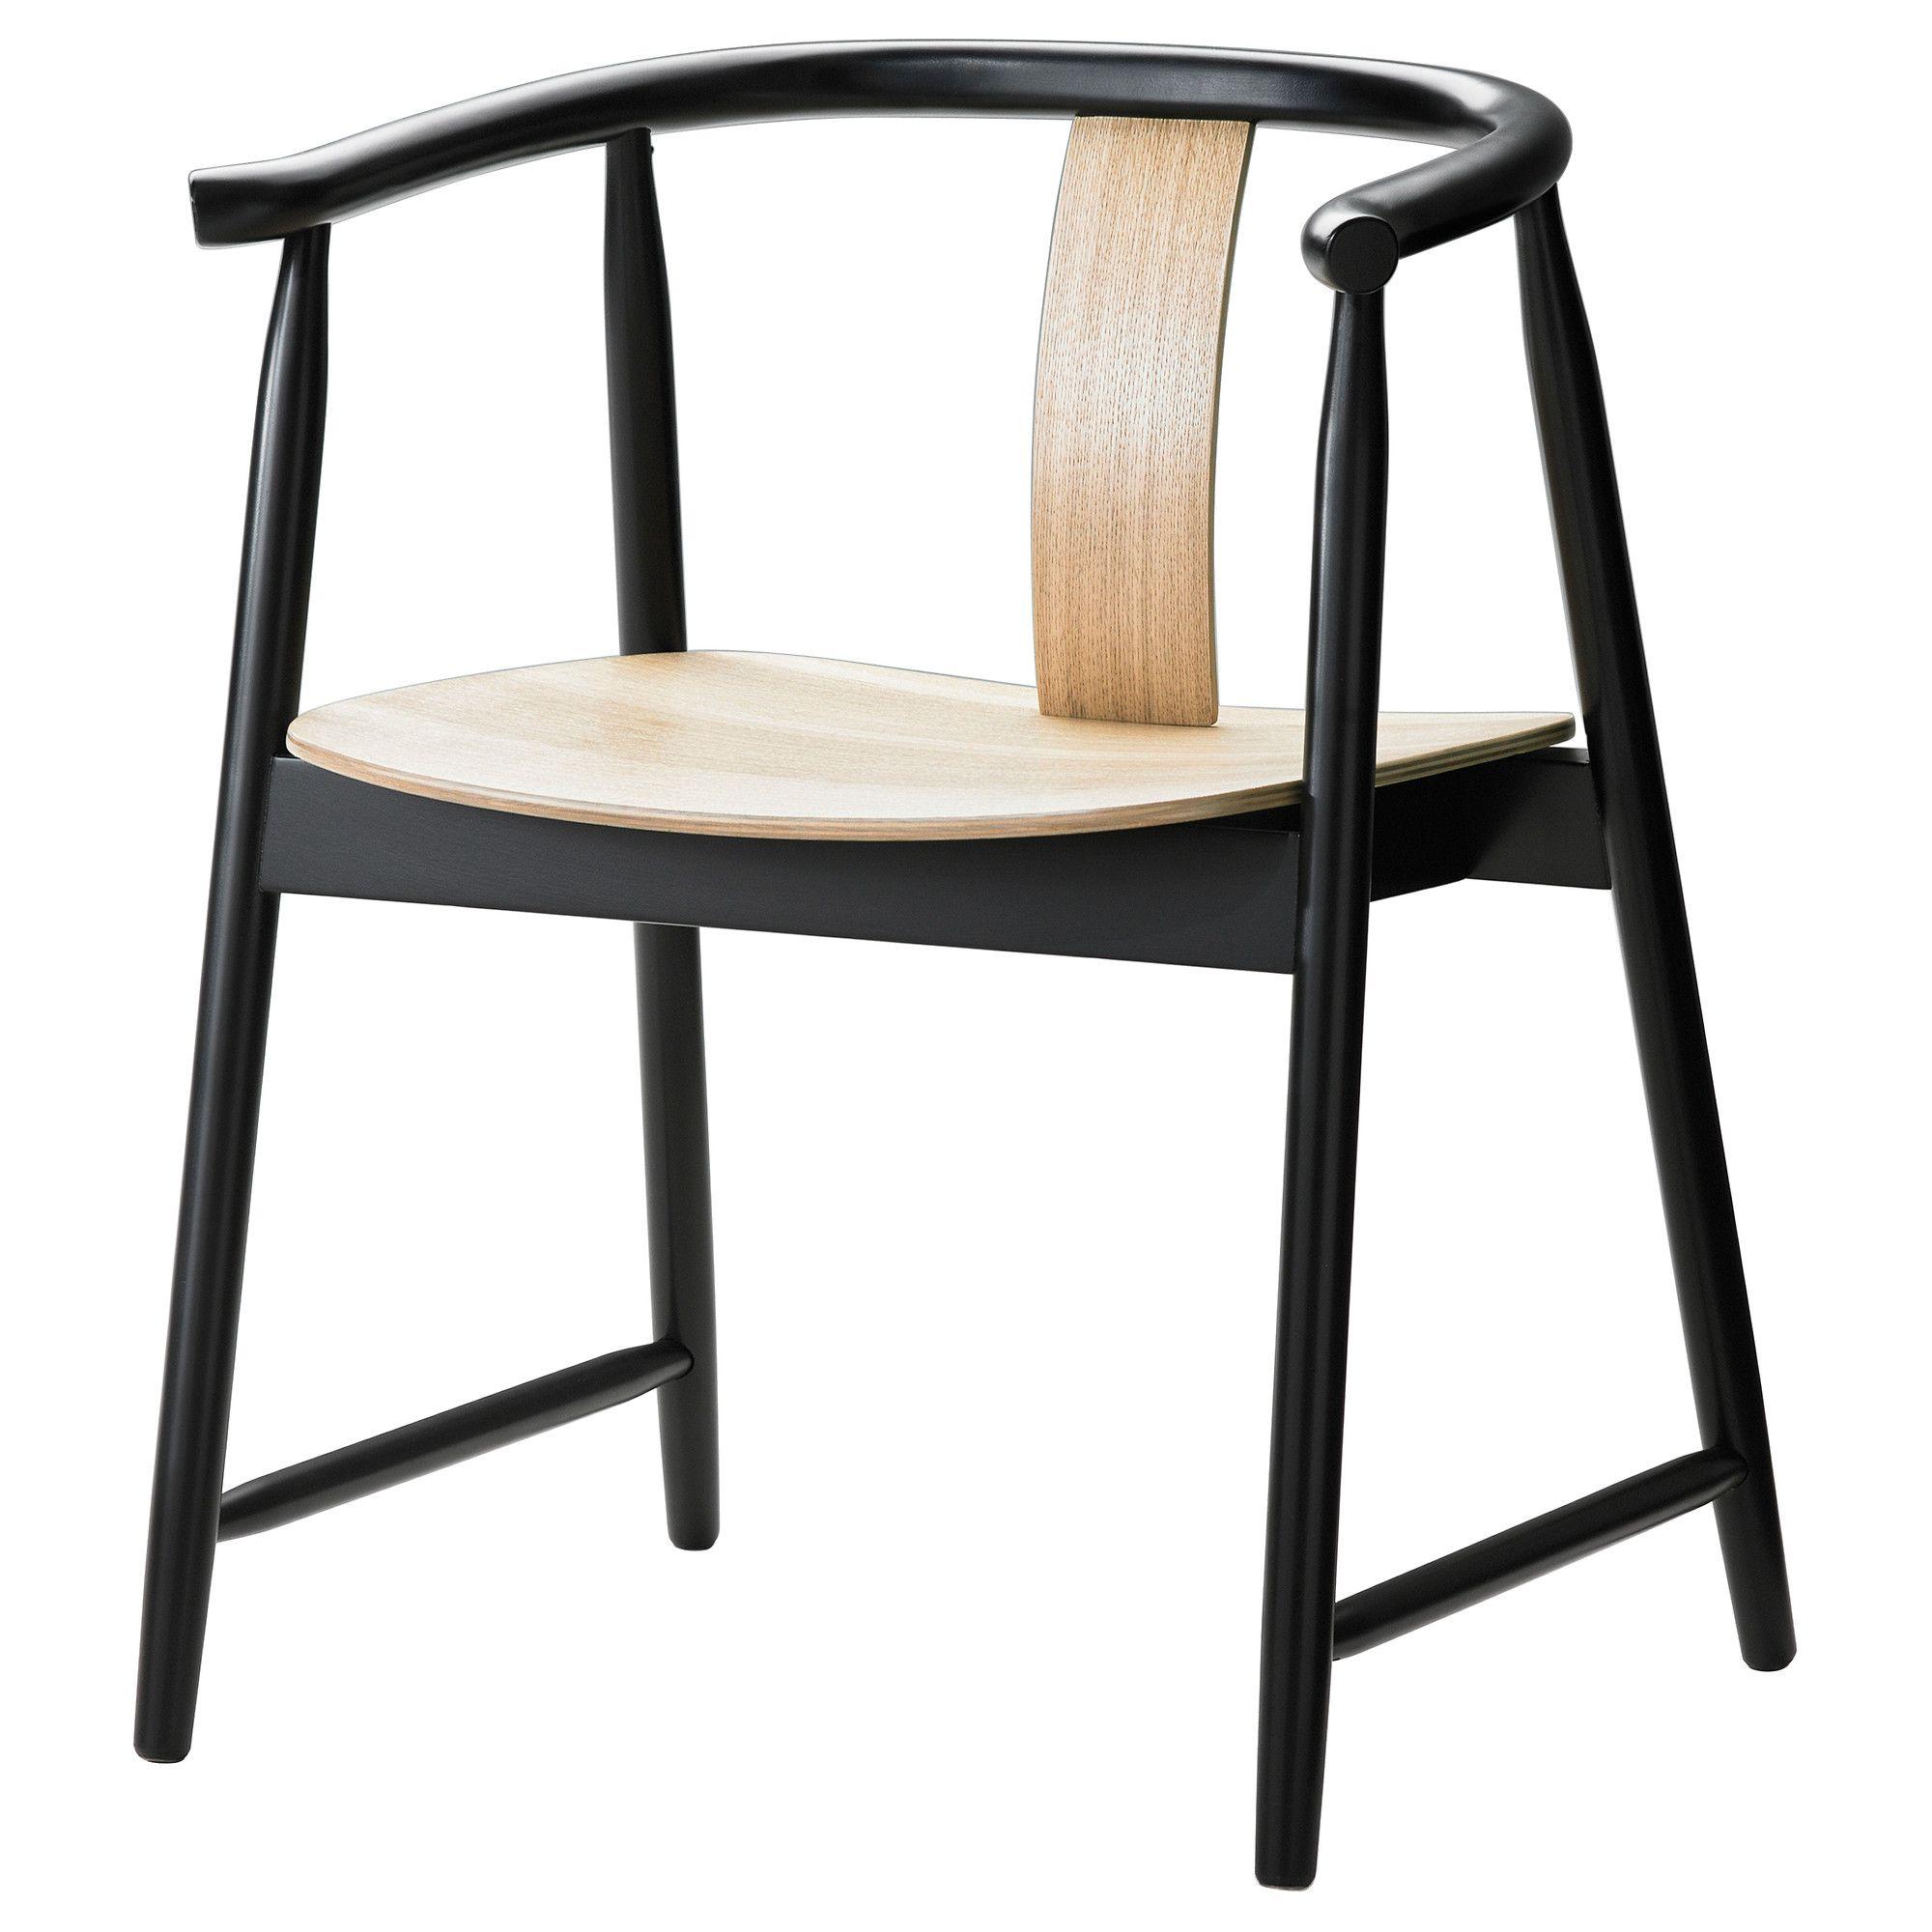 Trendig 2013 armleunstoel ikea 59 met een stoel overtrek chairs muebles mesas de - Armlehnstuhl ikea ...